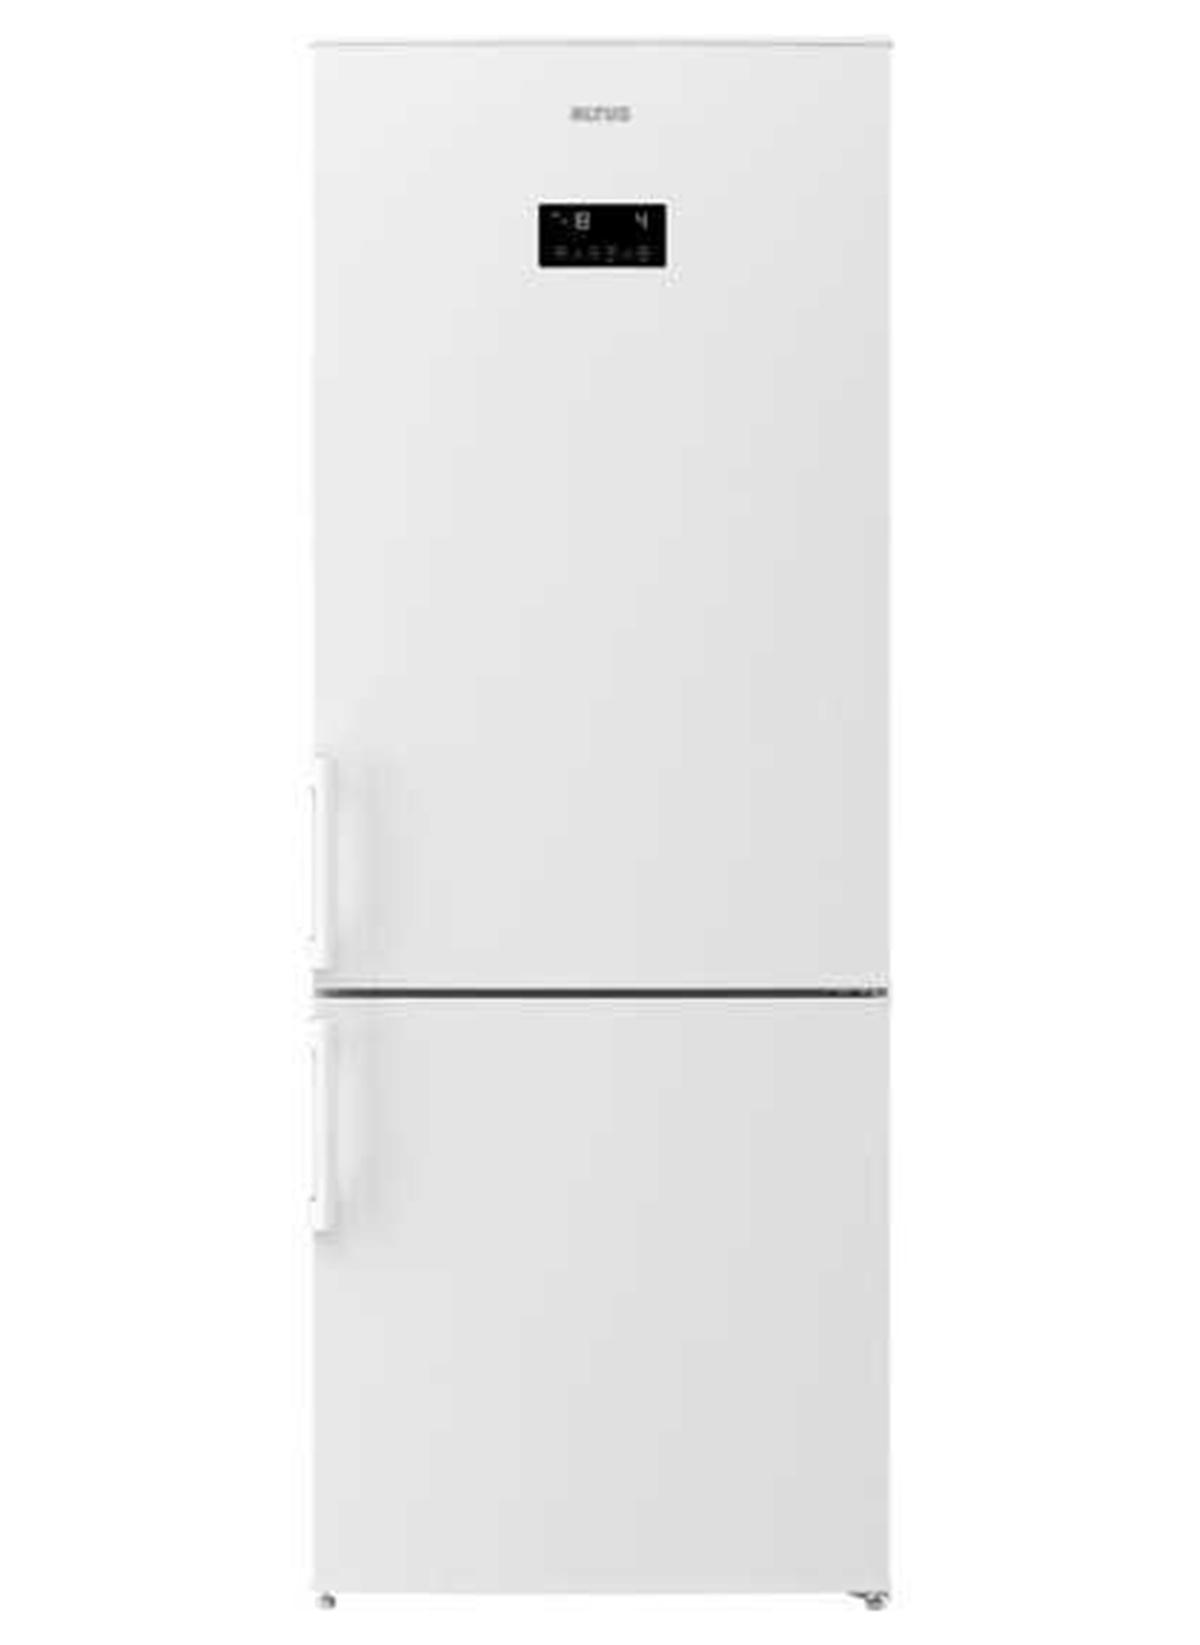 Standart Altus ALK 471 NX A++ 560 No Frost Buzdolabı